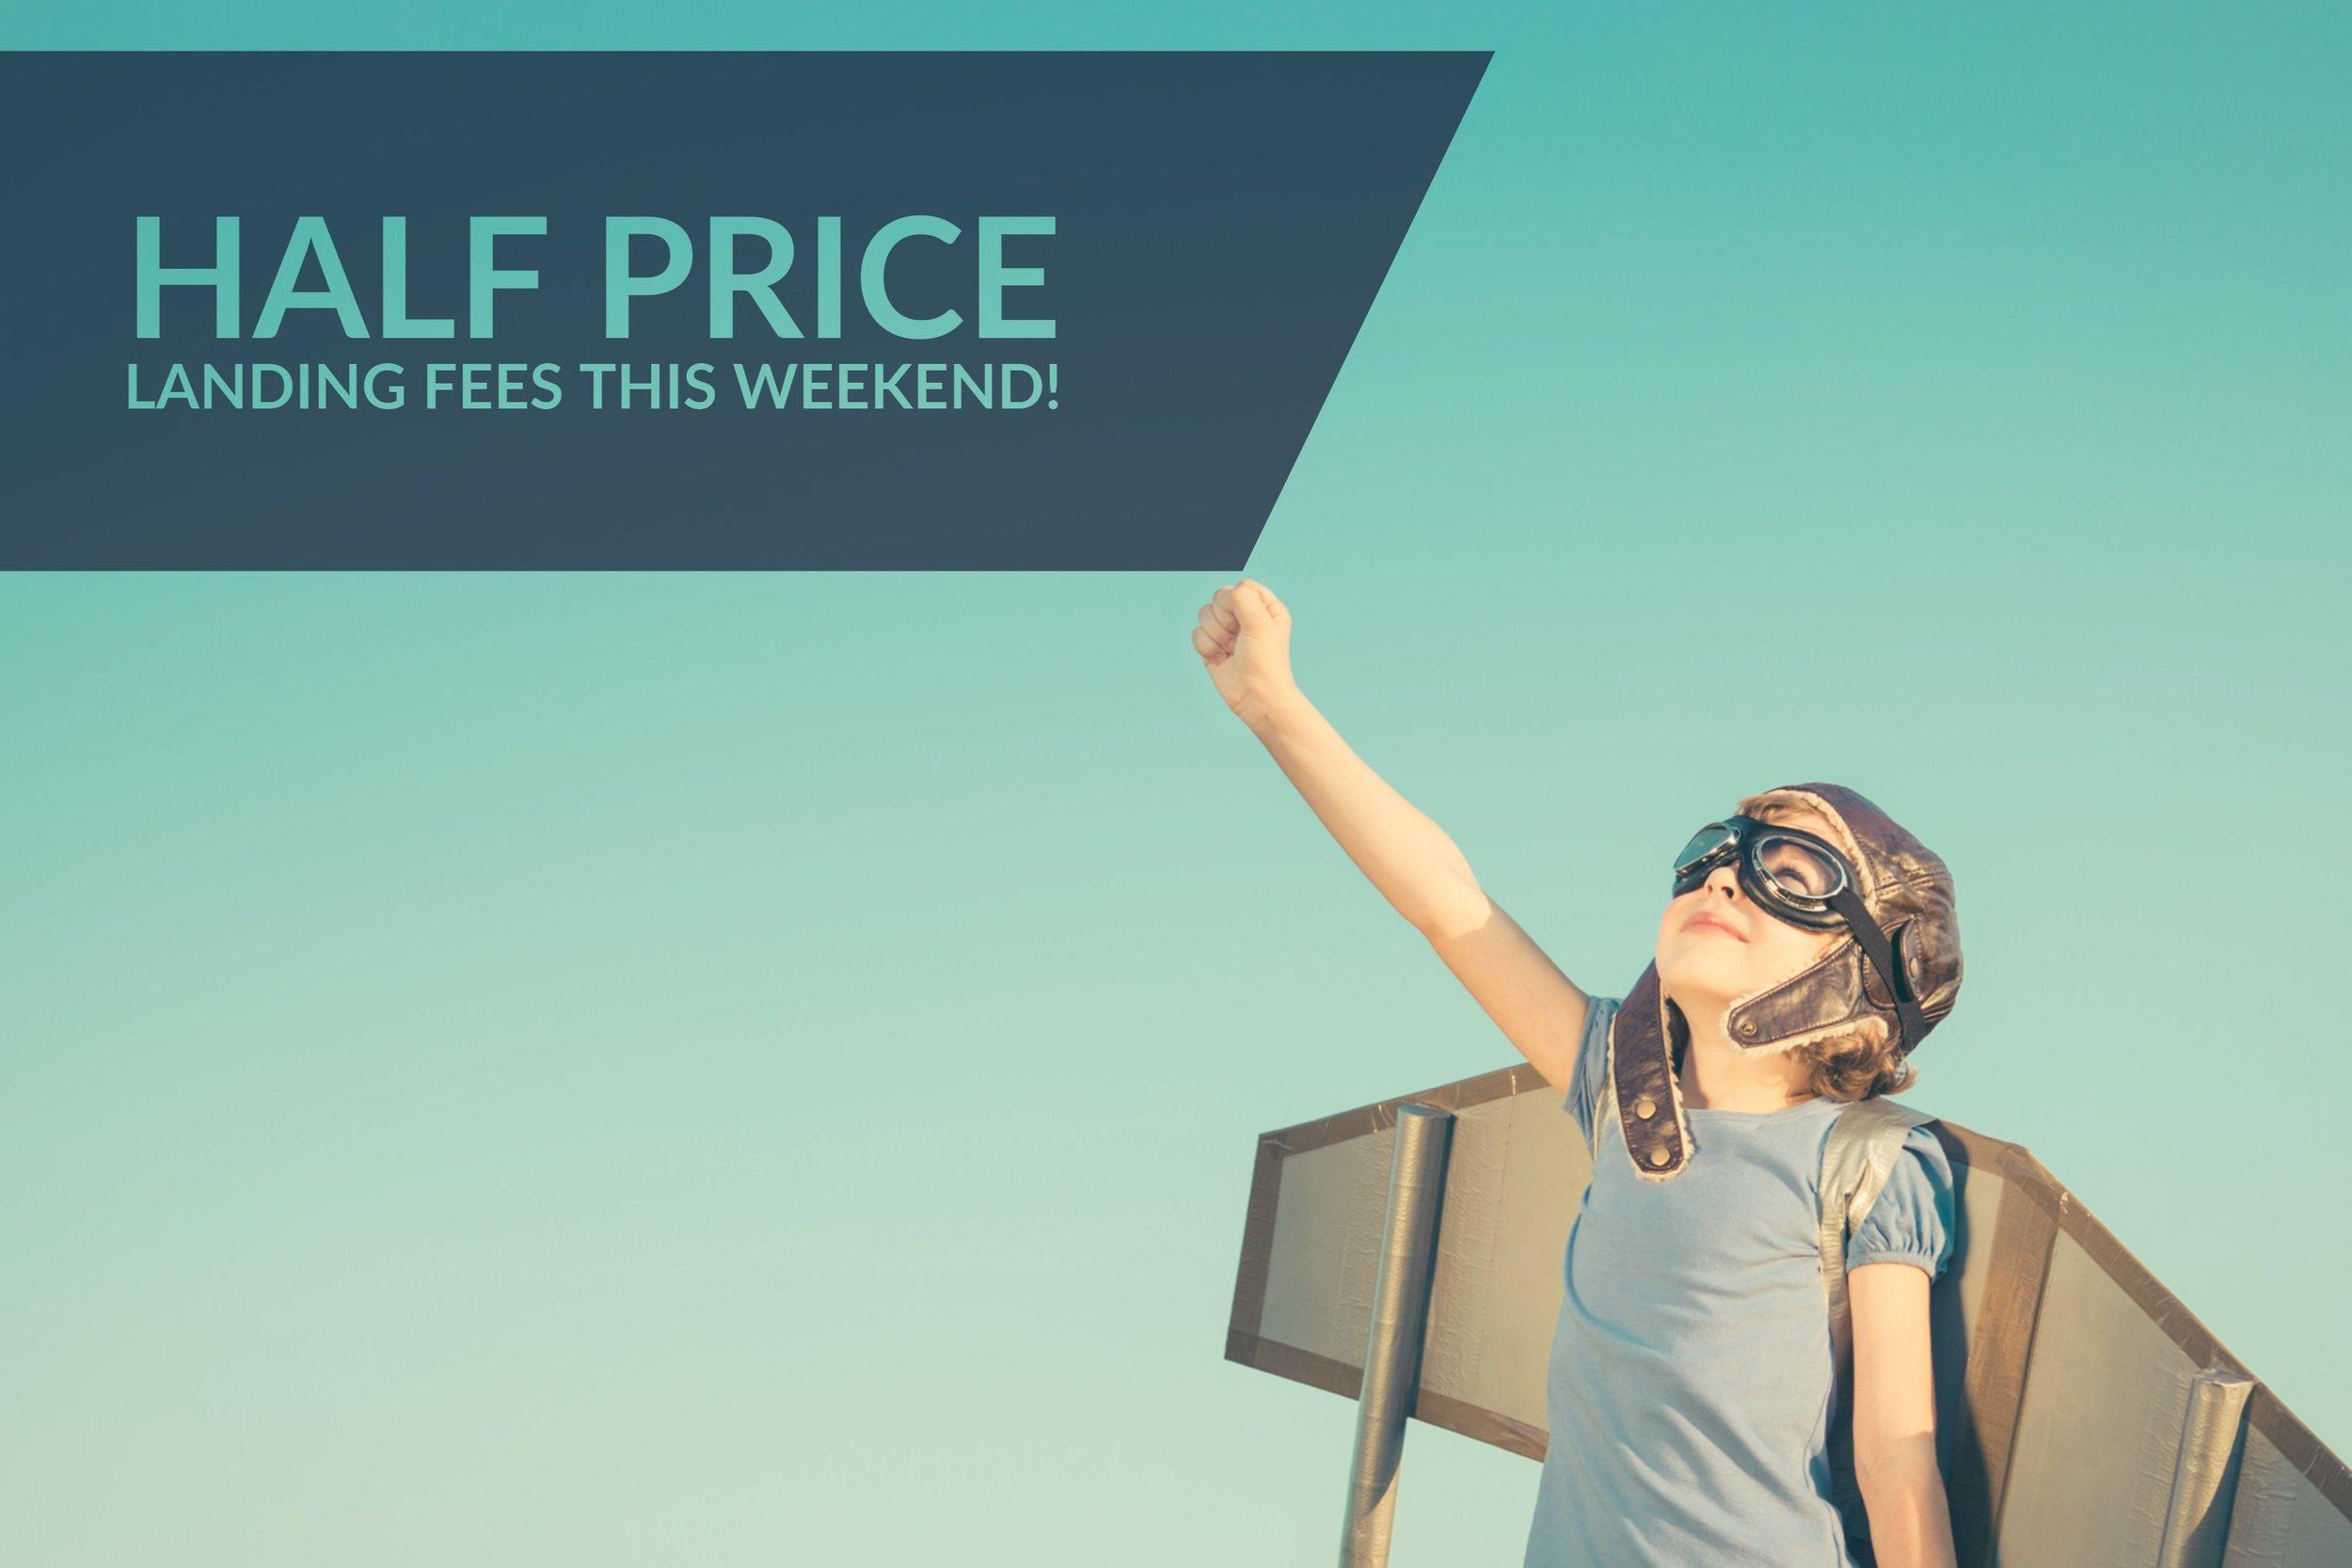 Half Price Landing Fees Asset.jpg